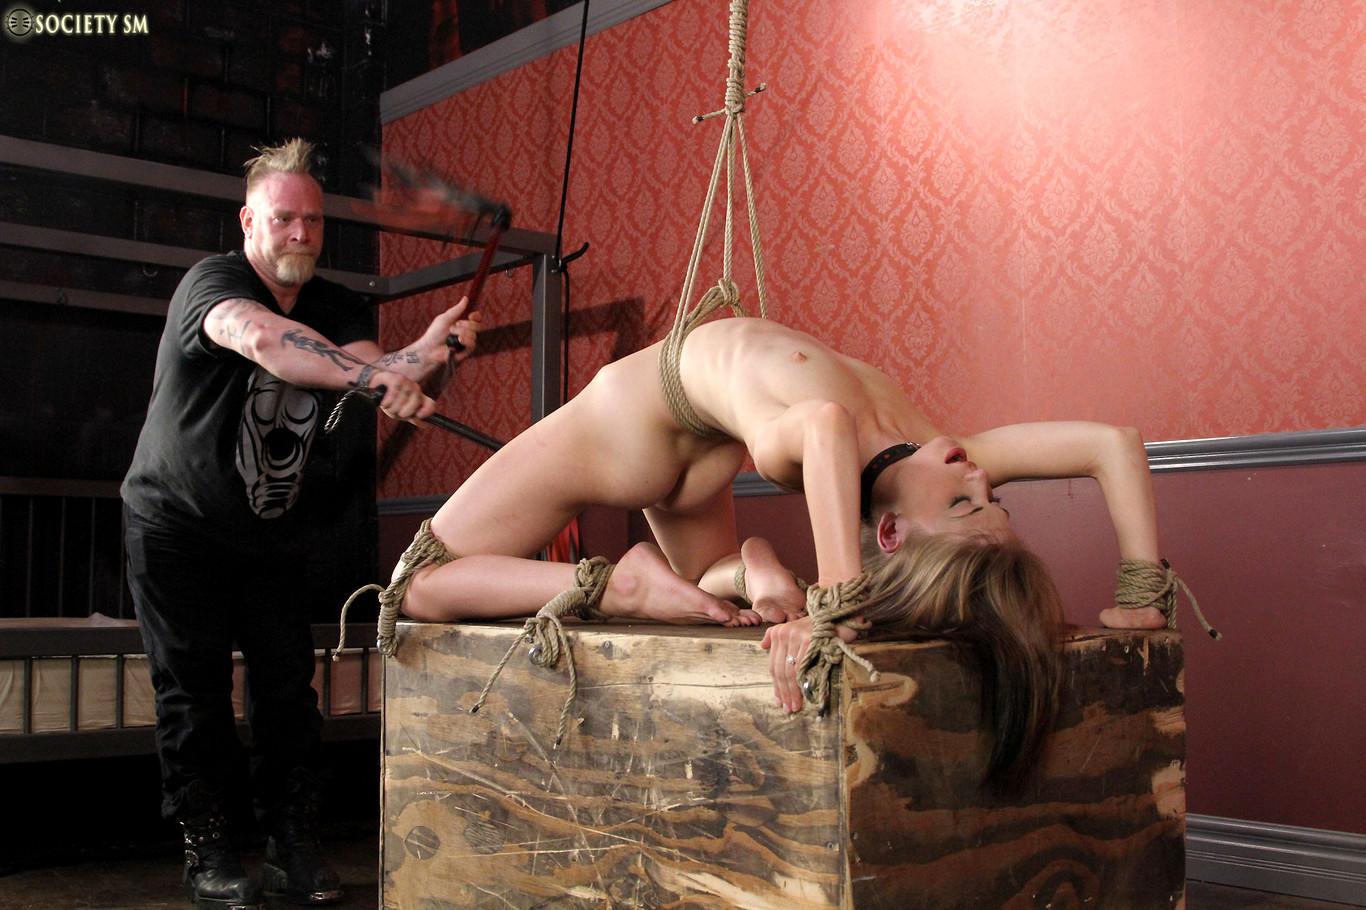 Рабыня секса триллер, Художественный фильм рабыни секса франция 14 фотография